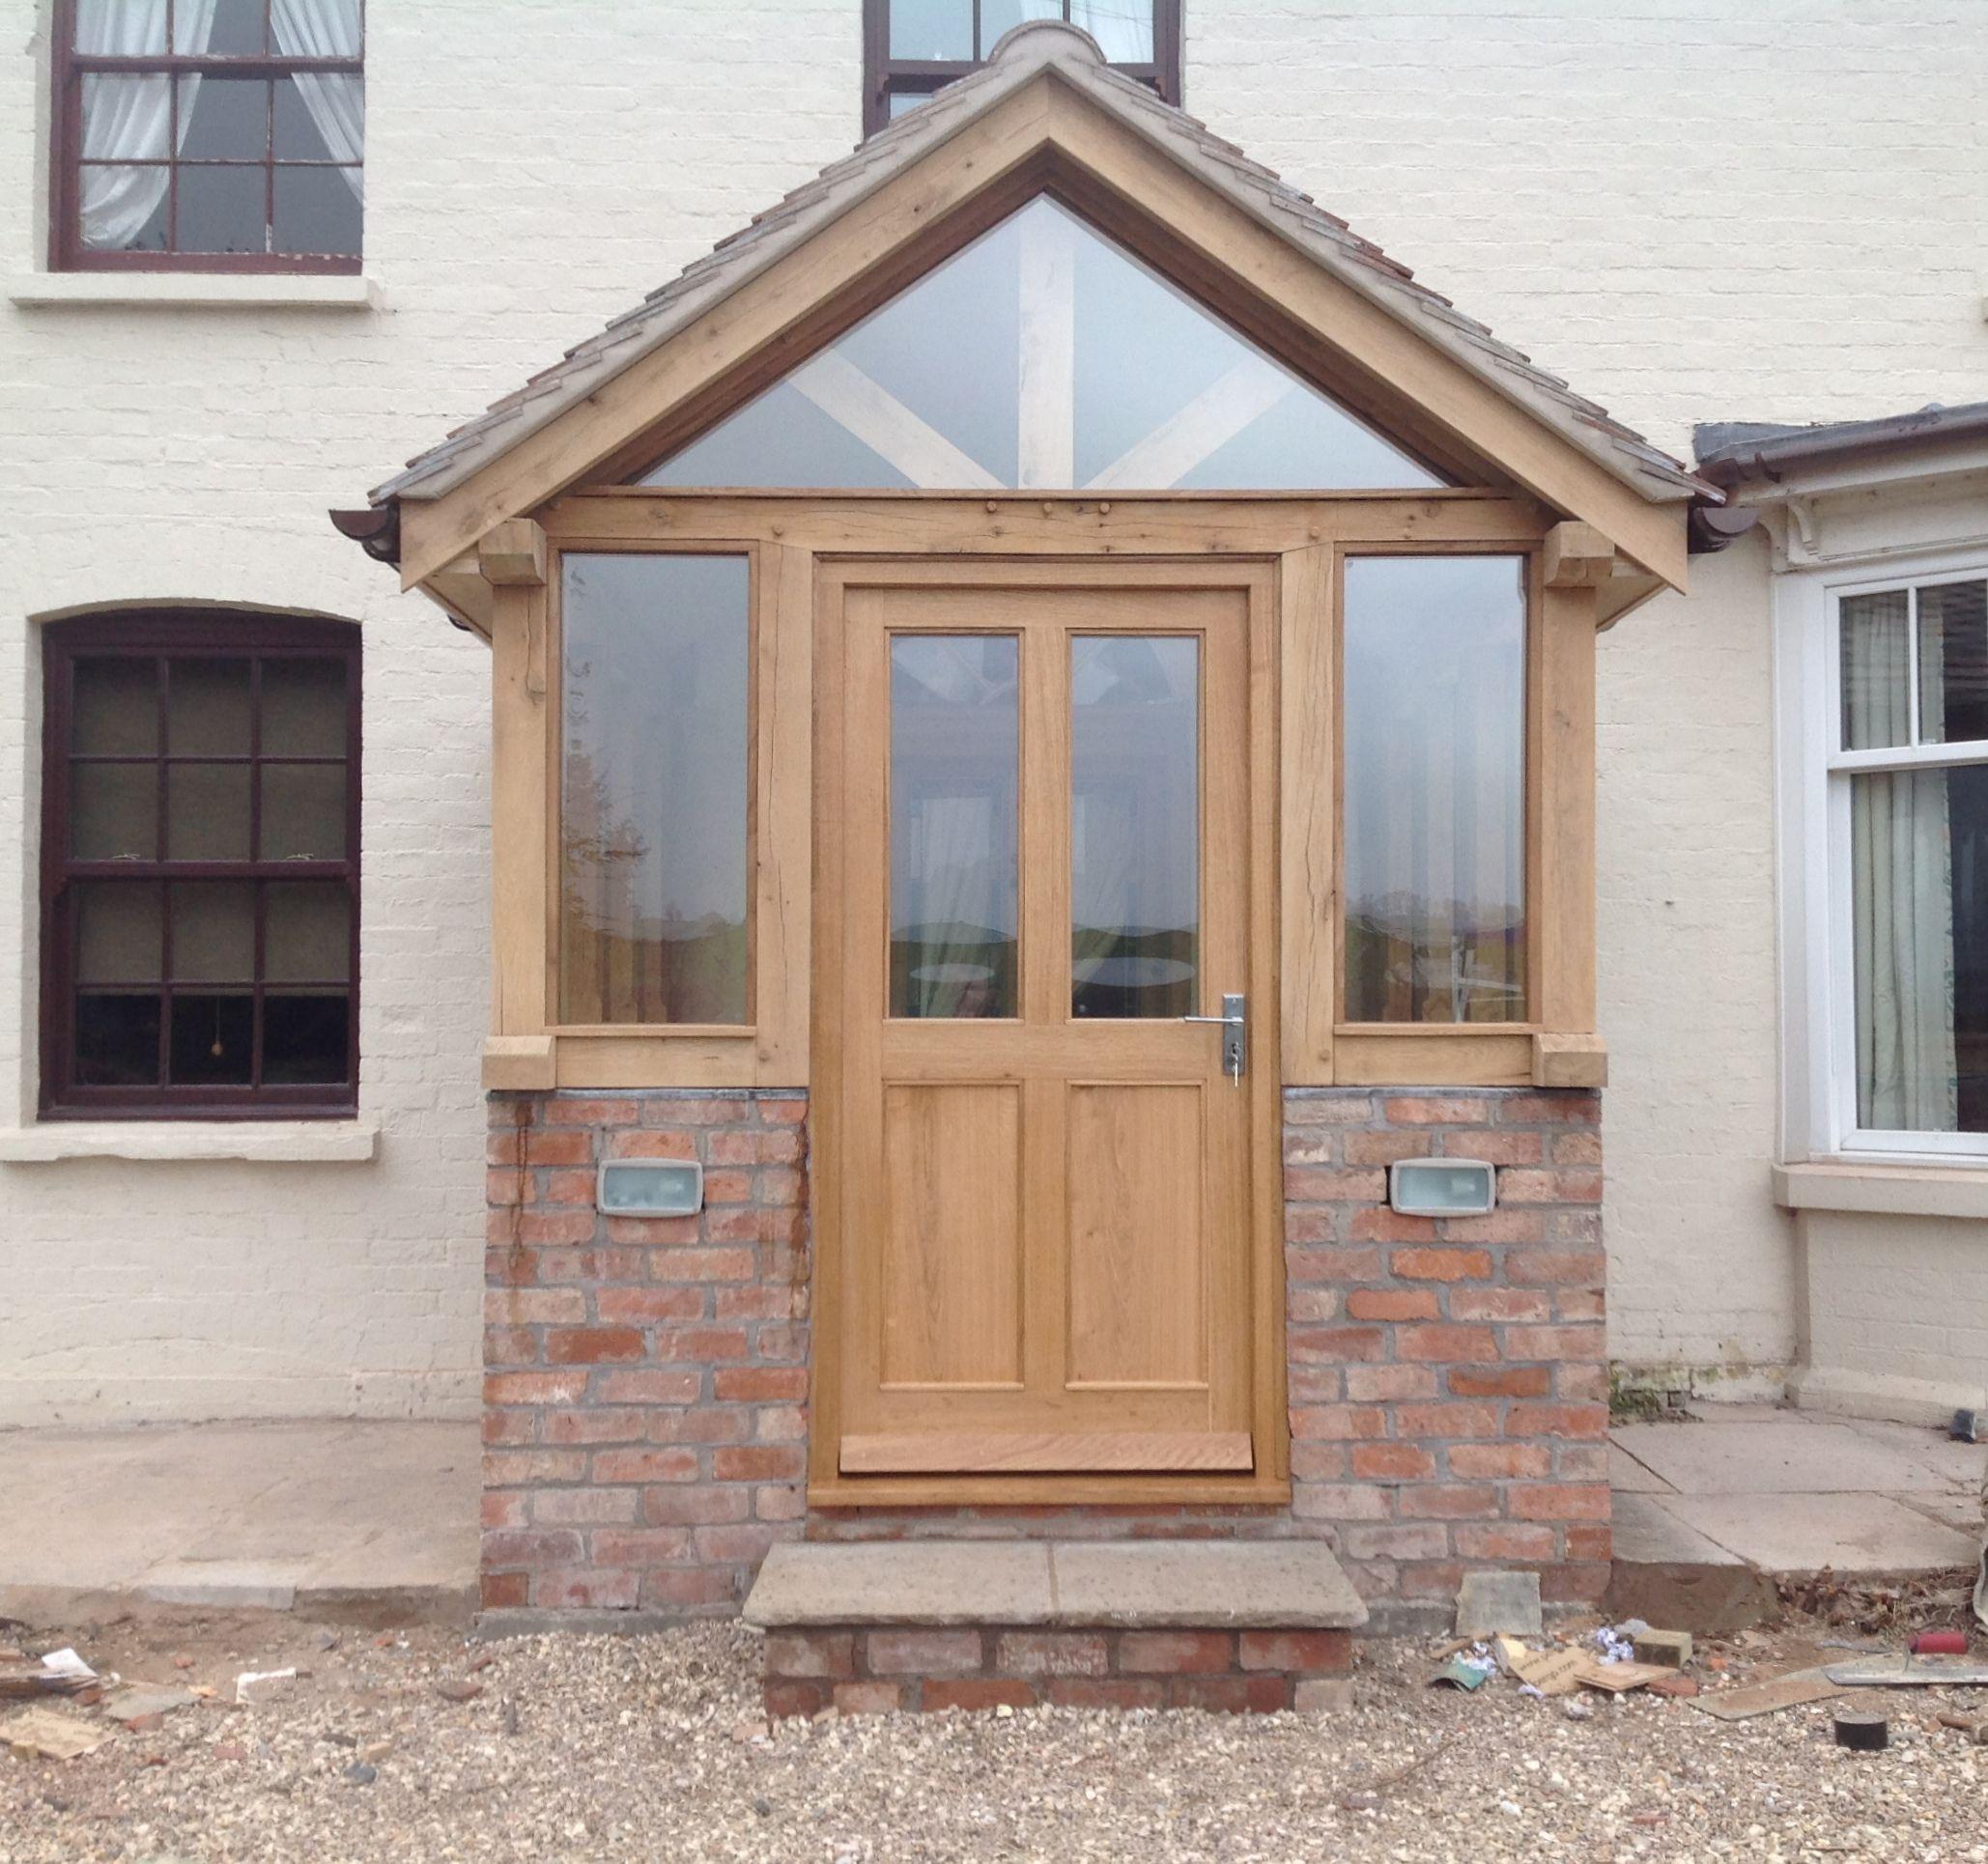 Front Door Porch Design Ideas Porch Roof Designs Porch: Favorite Places & Spaces